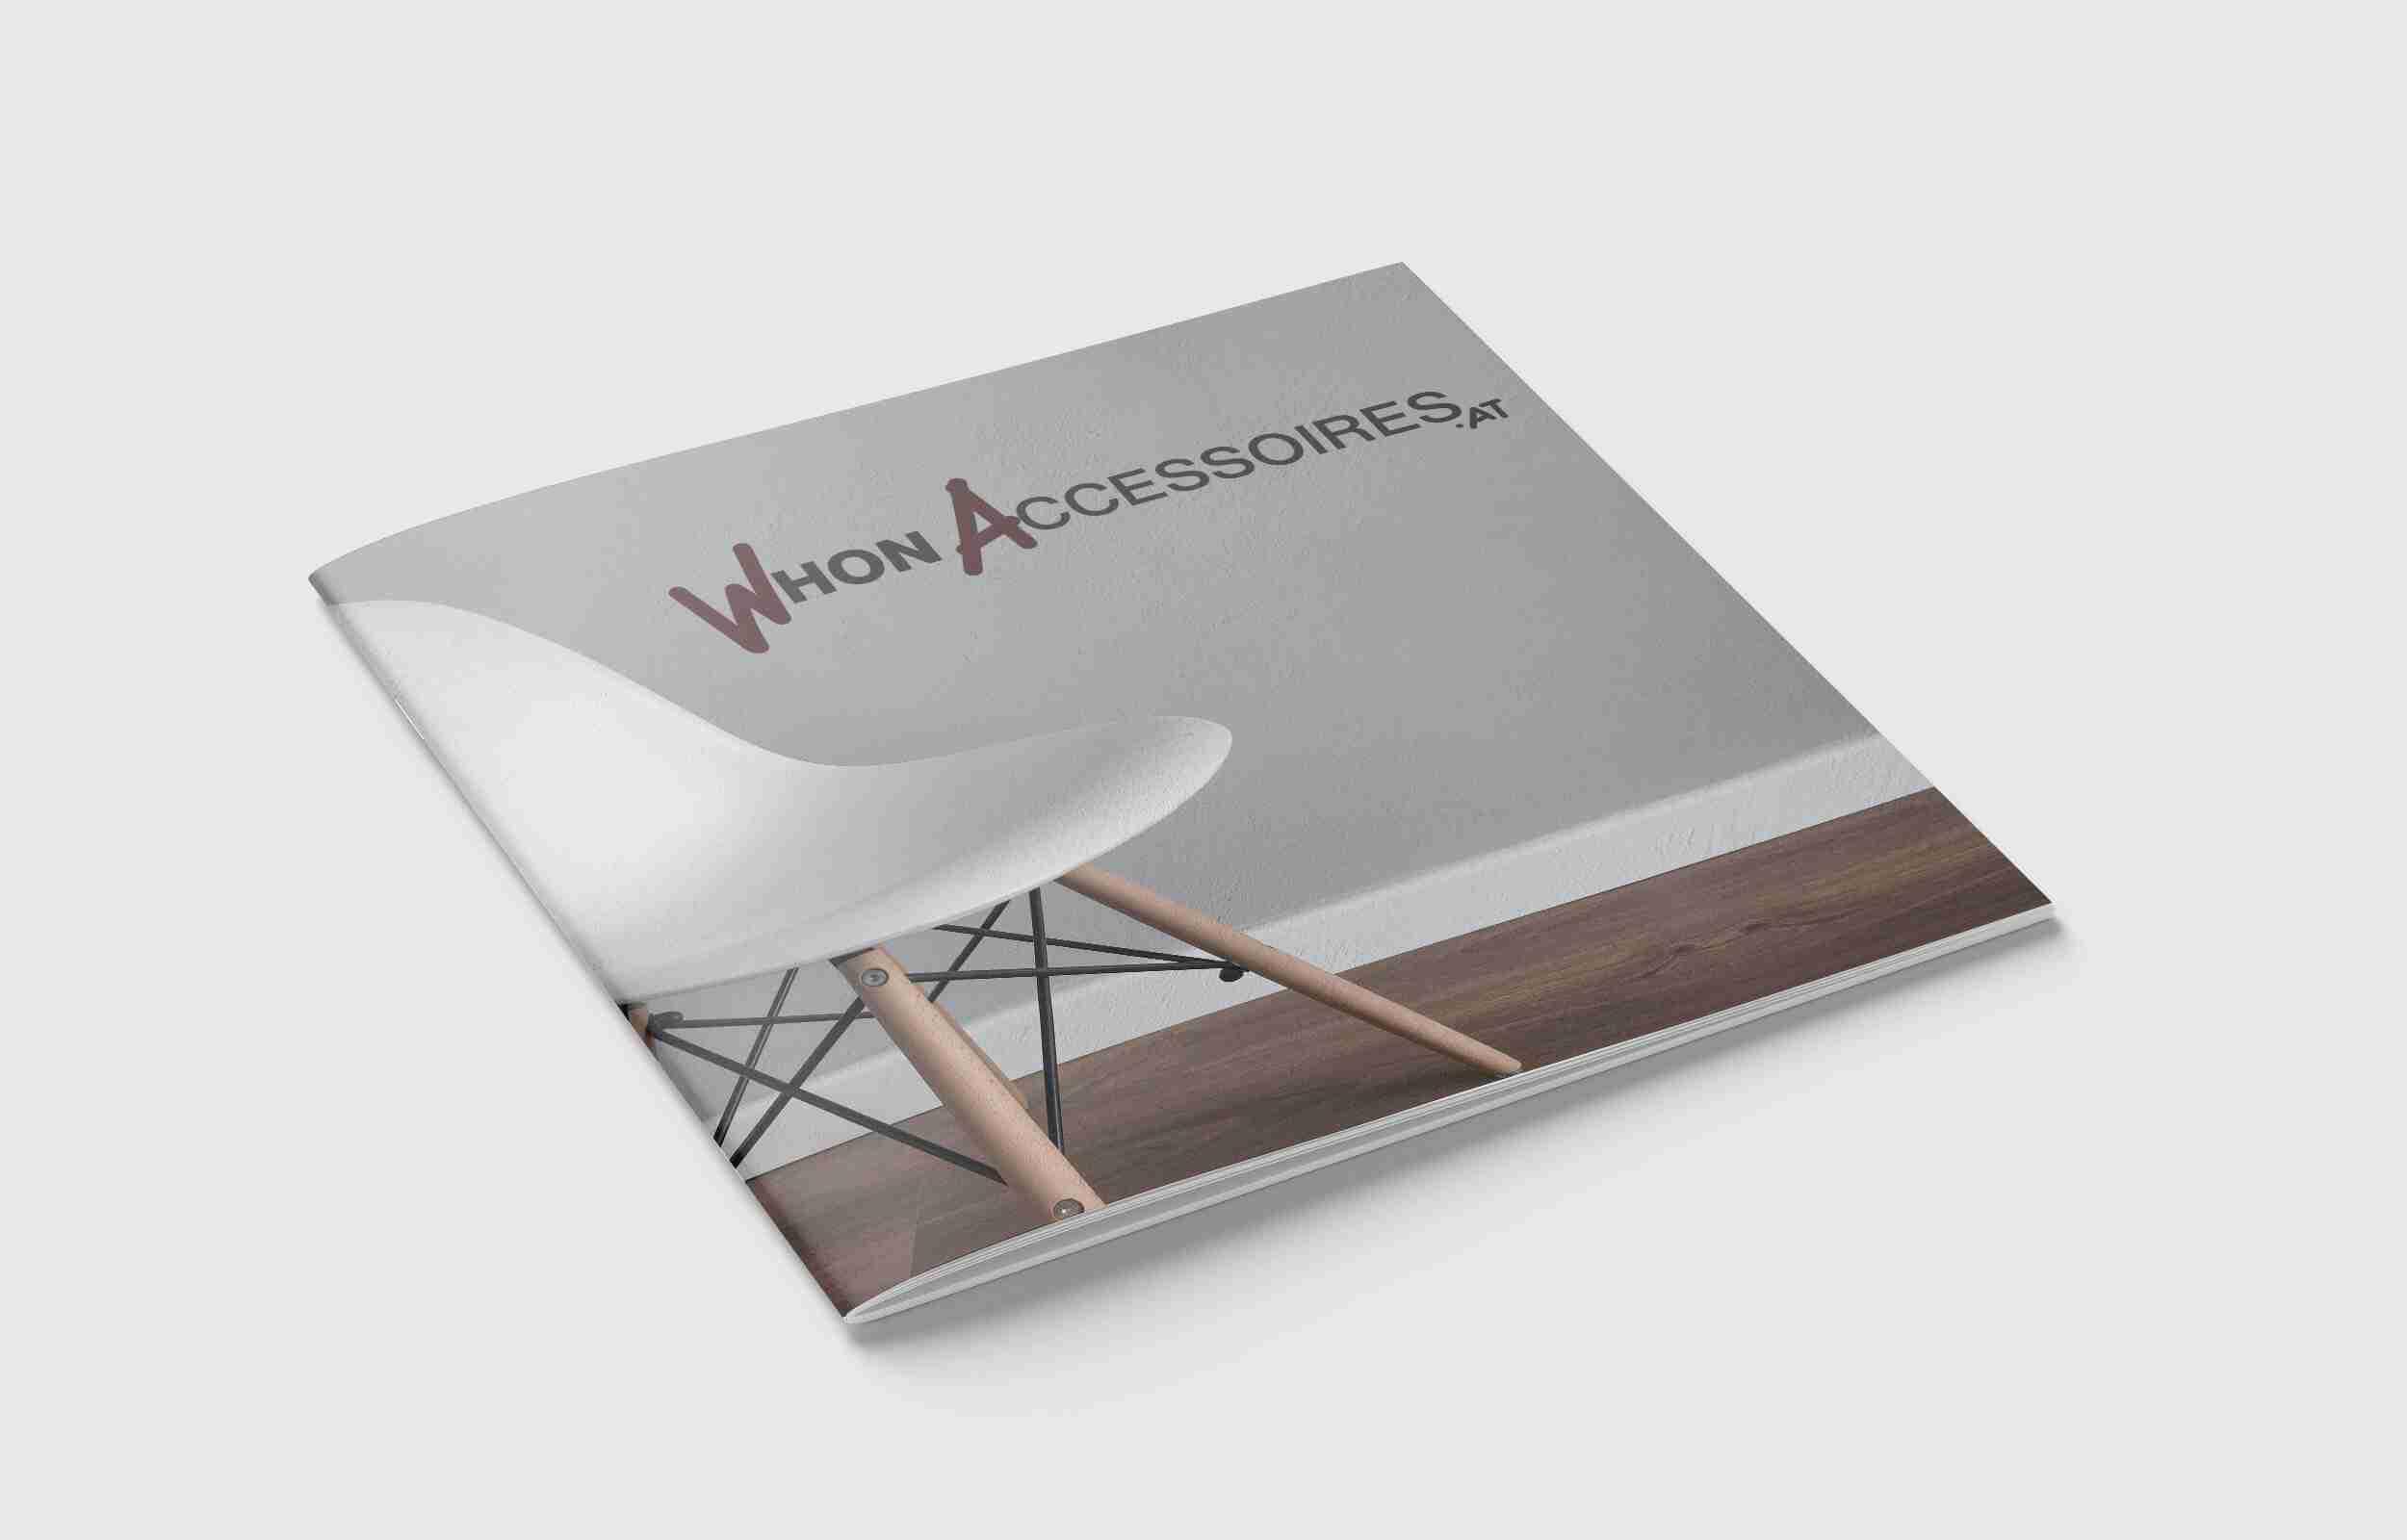 Wohn Accessoires logo colore su brochure Lorenzdesign studio grafico